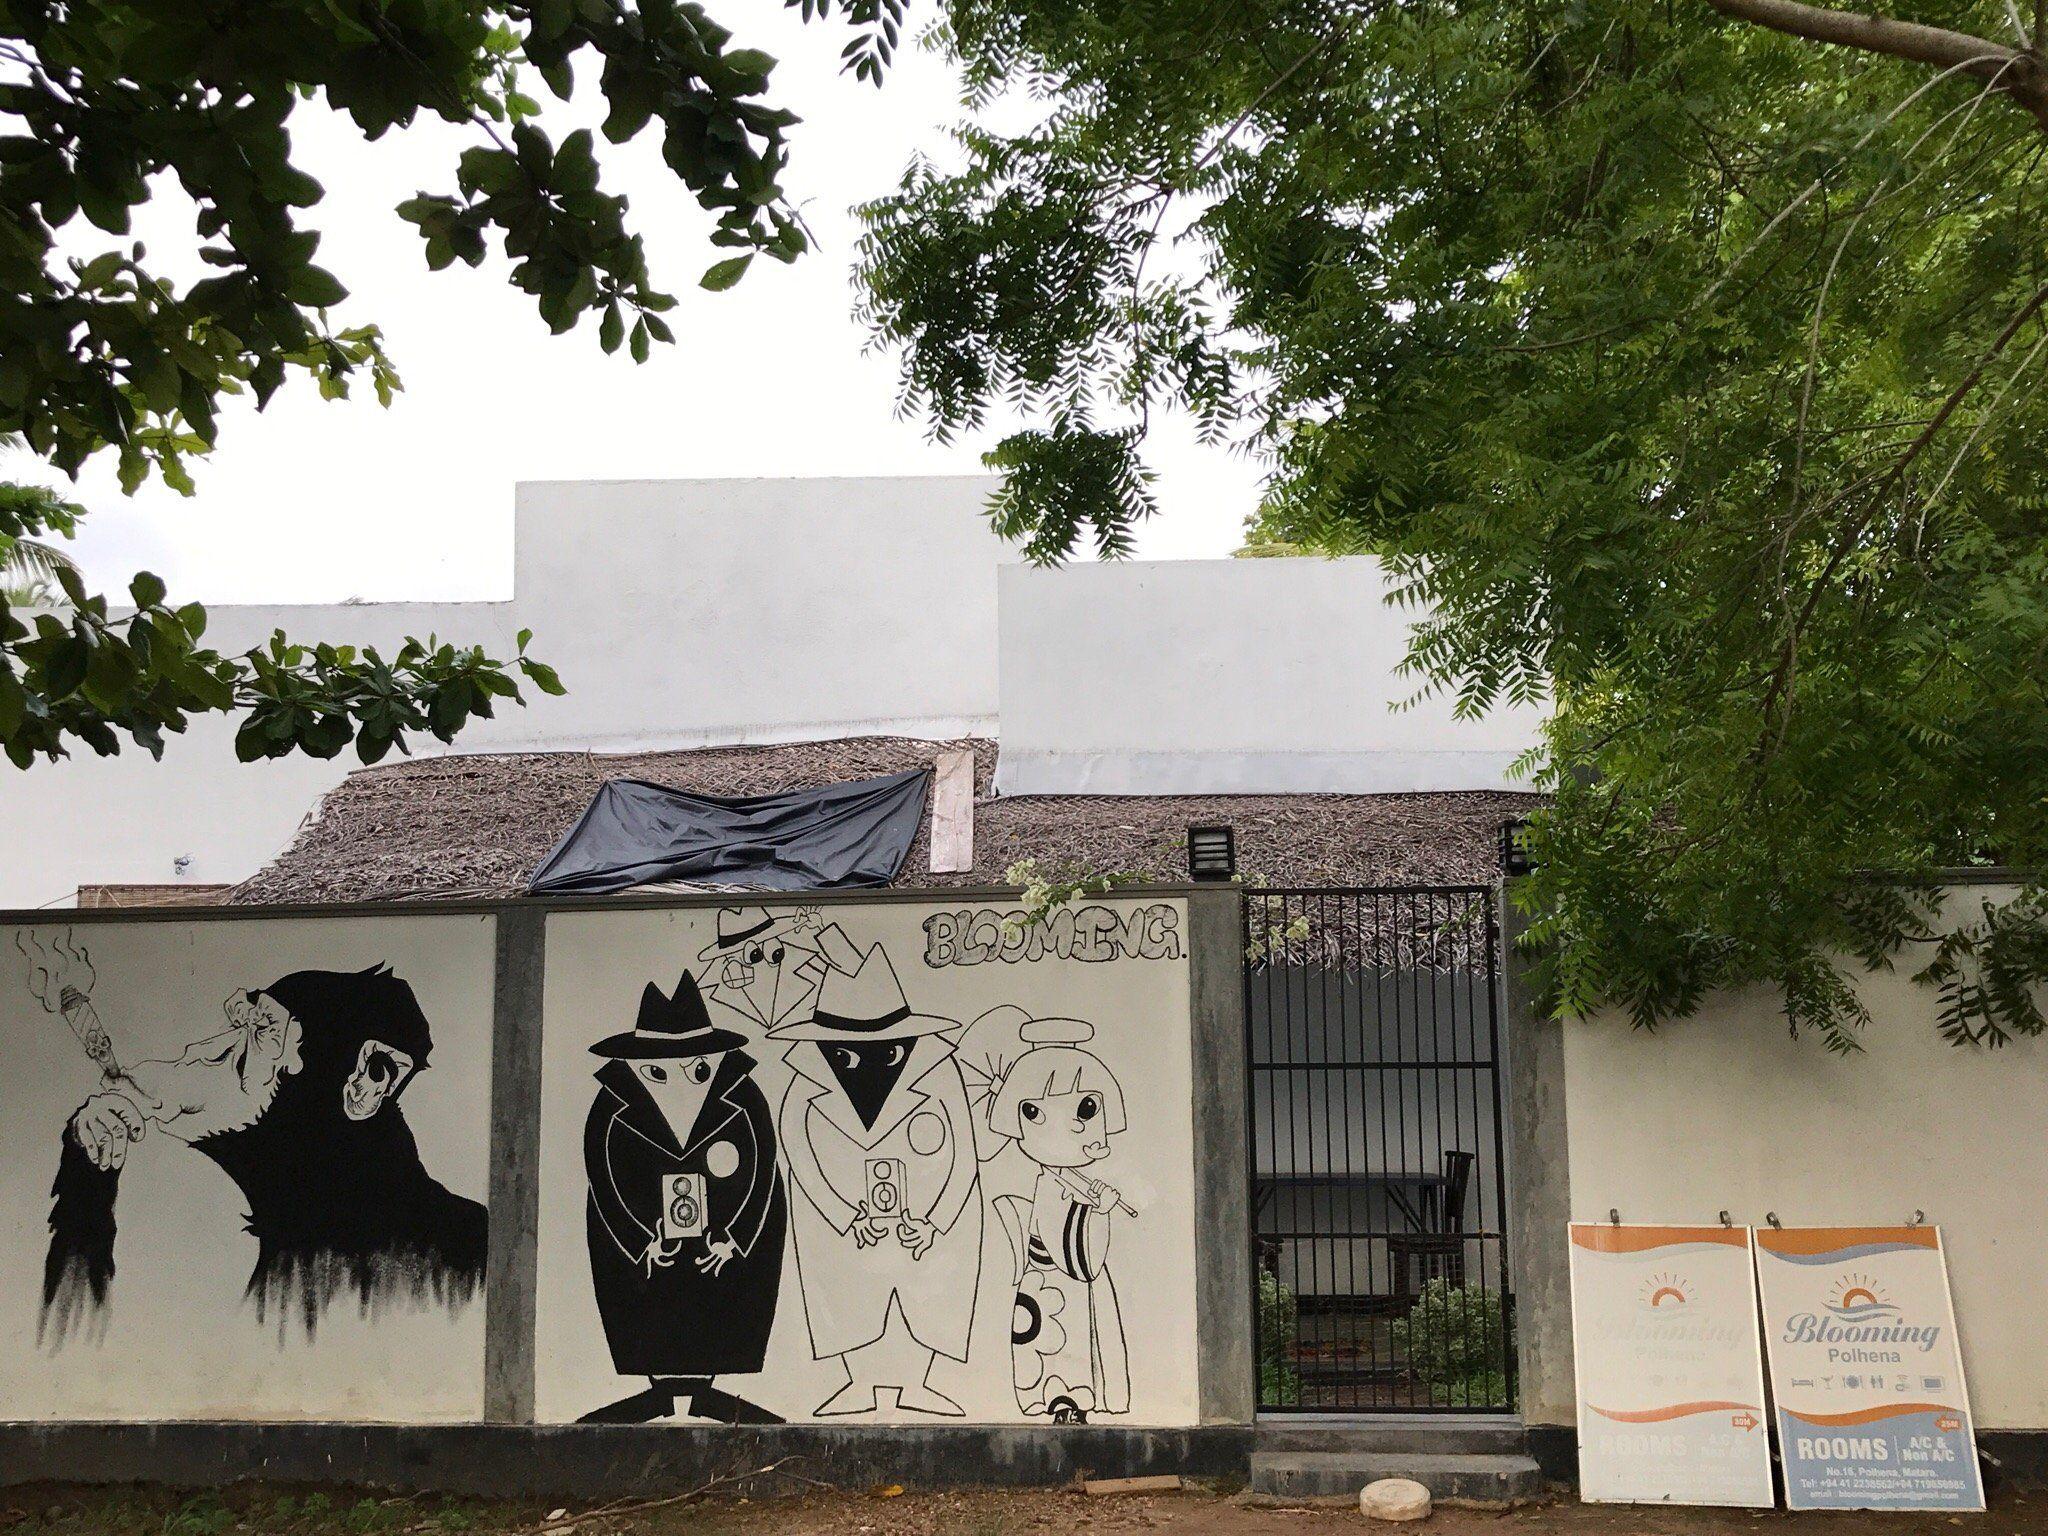 Graffiti Worksheet Answers